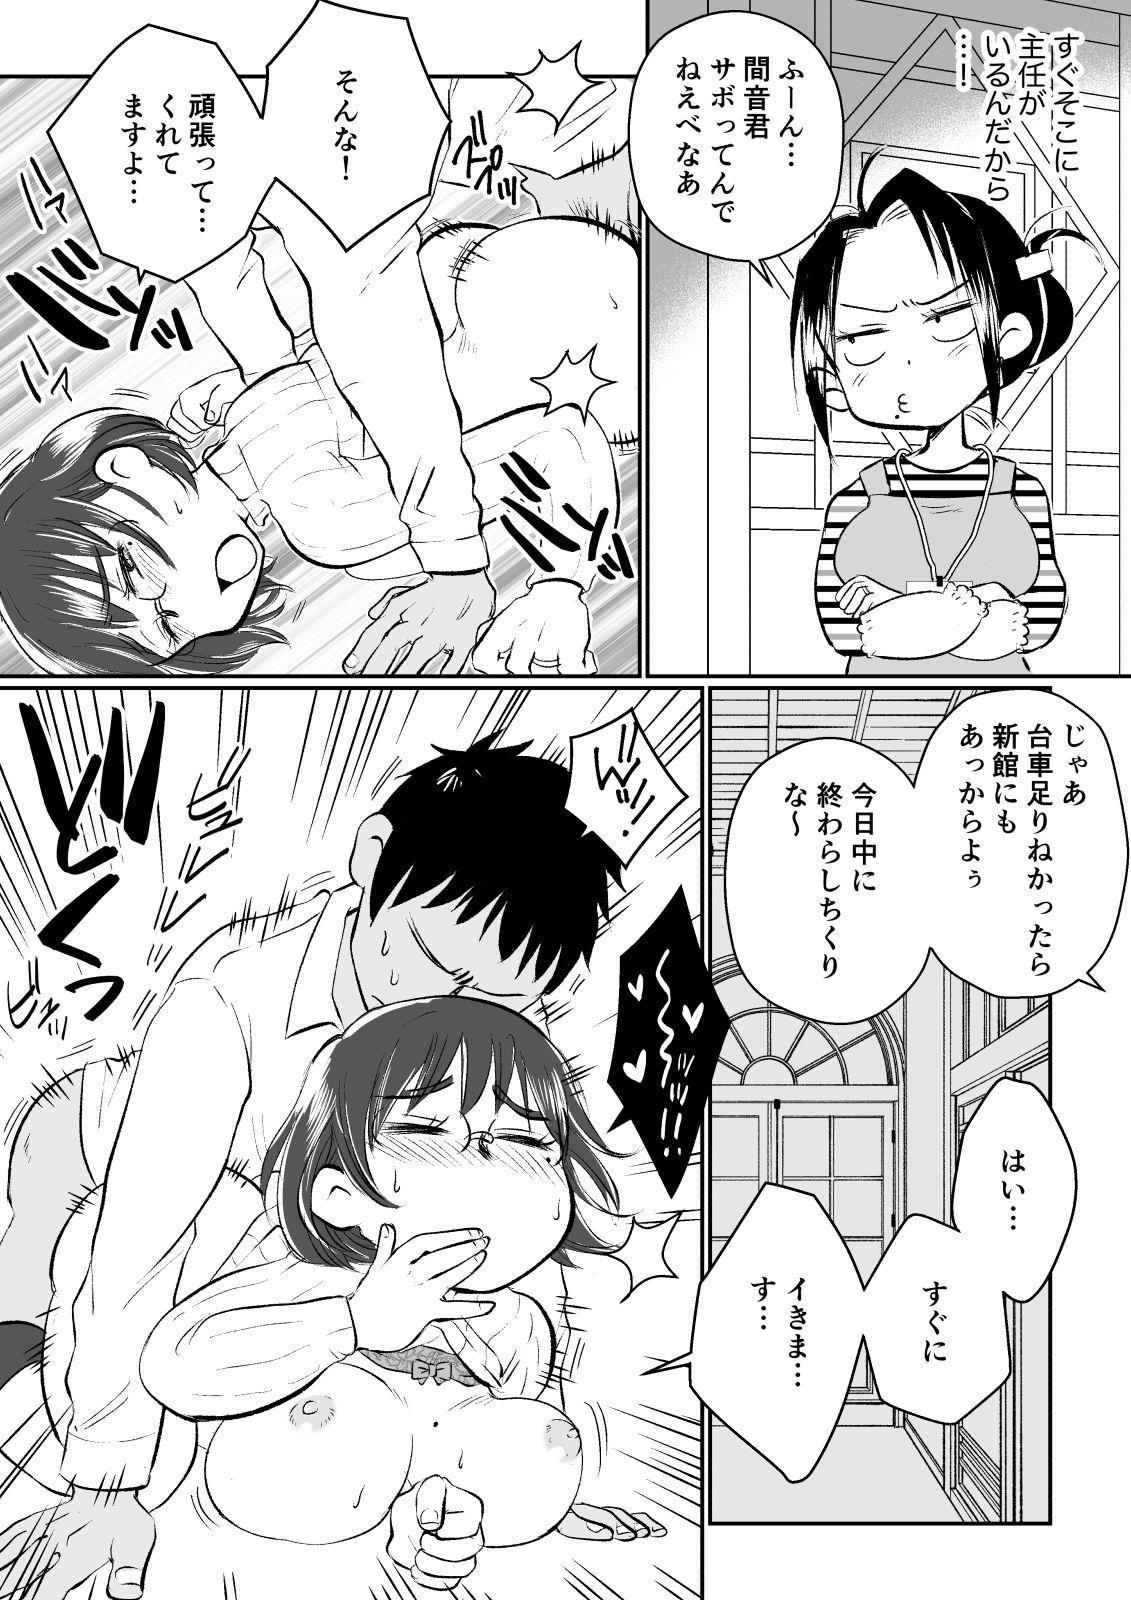 [Megitsune Works] Wakazuma-san wa Yokkyuu Fuman! Akogare no Shisho no Wakazuma-san ga Gakusei Beit no Boku no Fudeoroshi o Shite kuremashita. 54